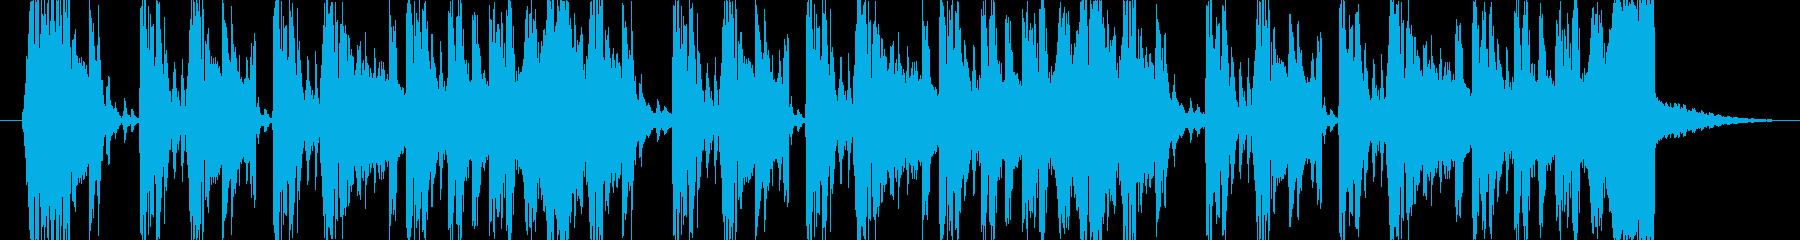 ブレイクビート系ラジオのジングルの再生済みの波形